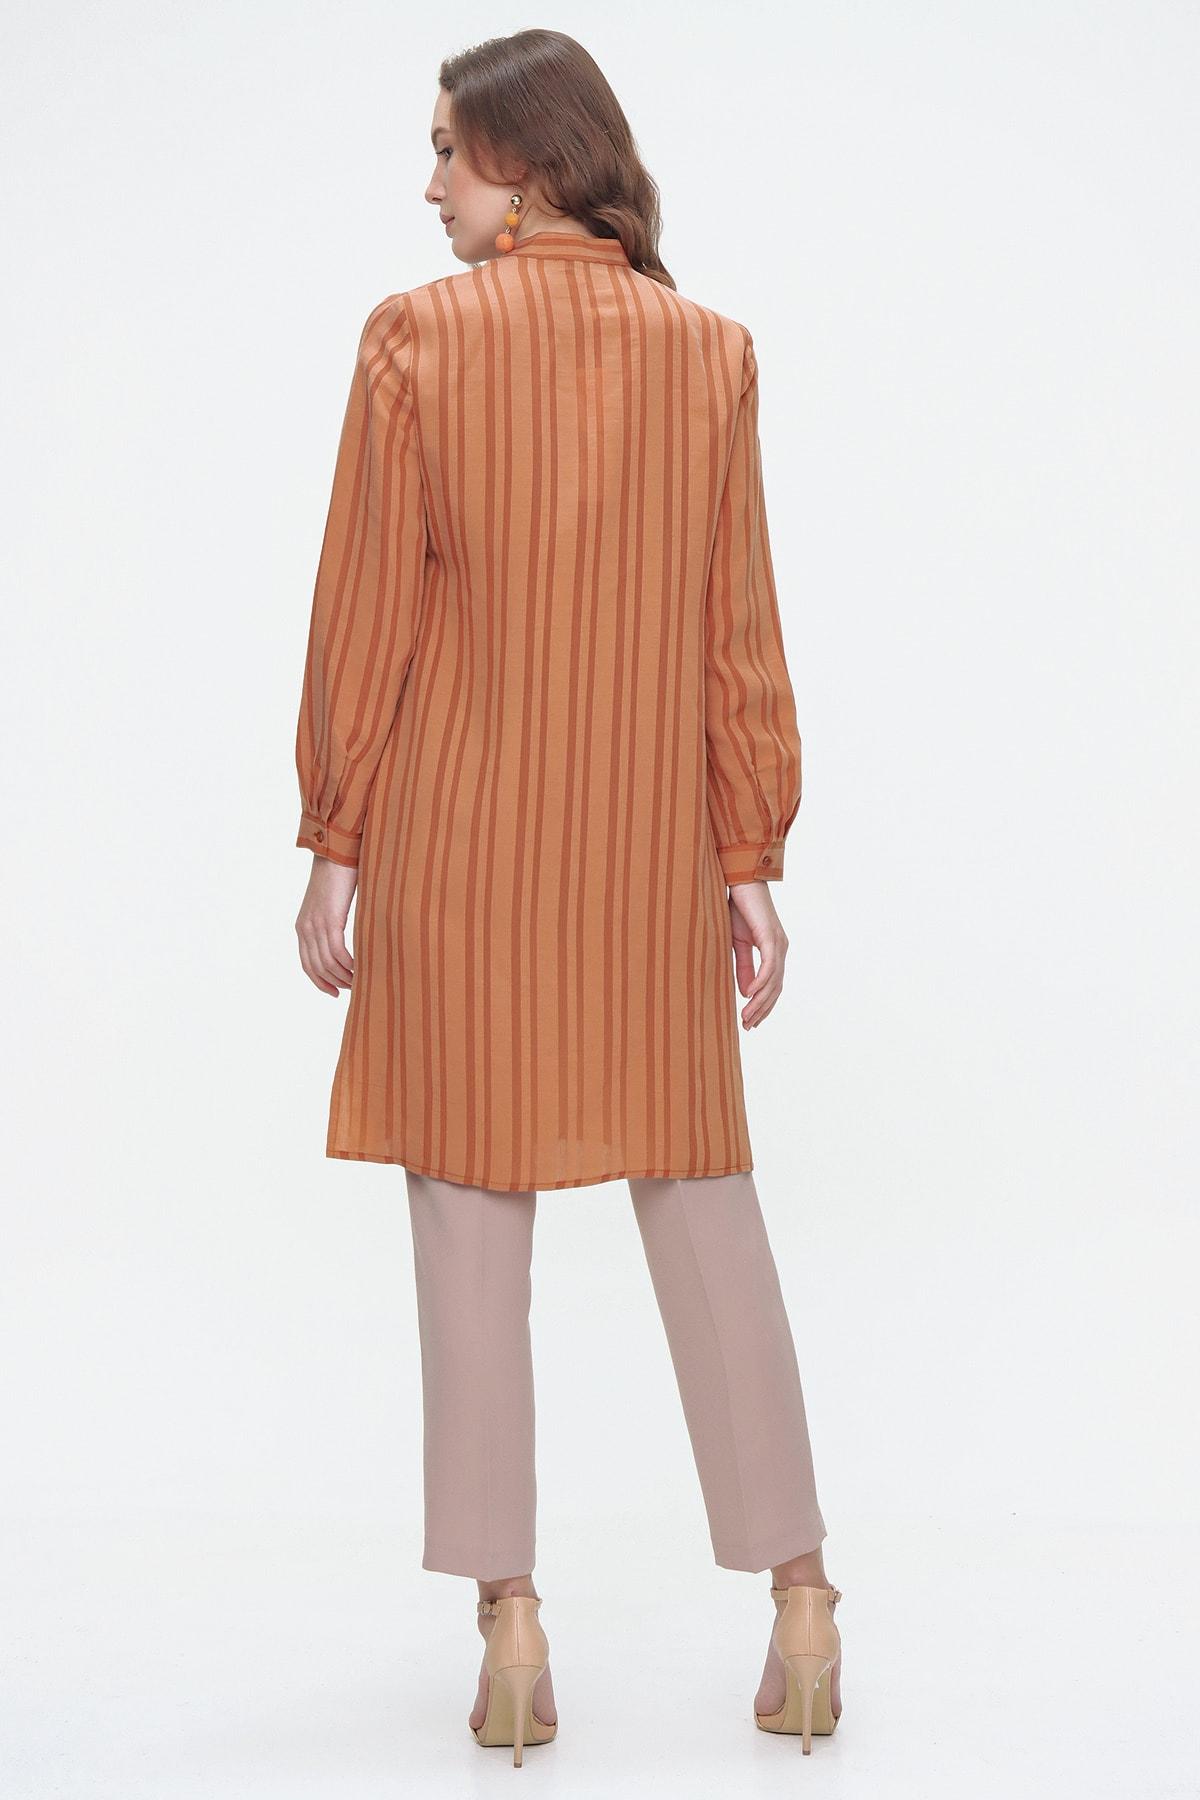 Aker Kadın Sarı Çizgili Uzun Tunik 2